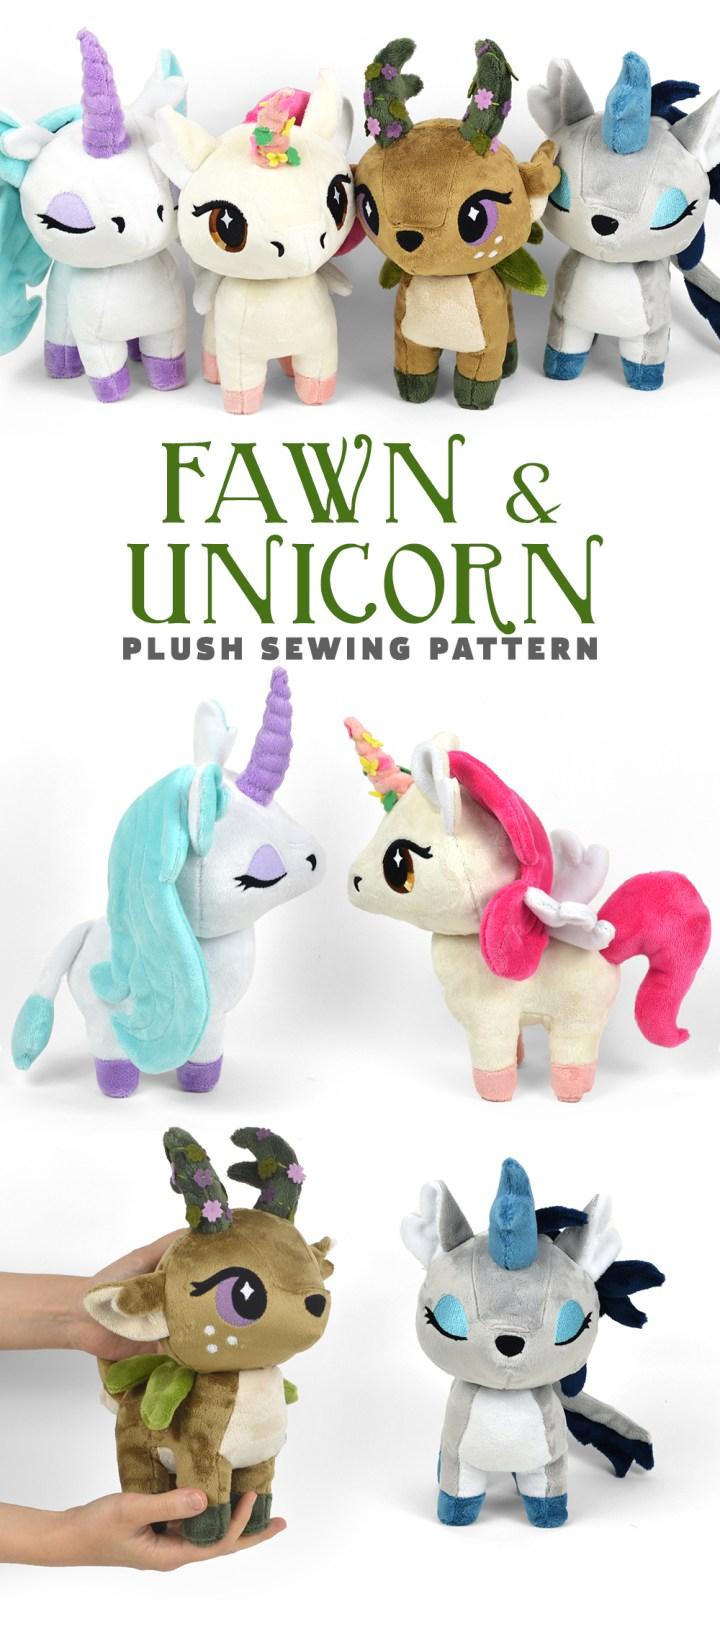 Unicorn Plush Pattern : unicorn, plush, pattern, Pattern!, Unicorn, Plush, Choly, Knight